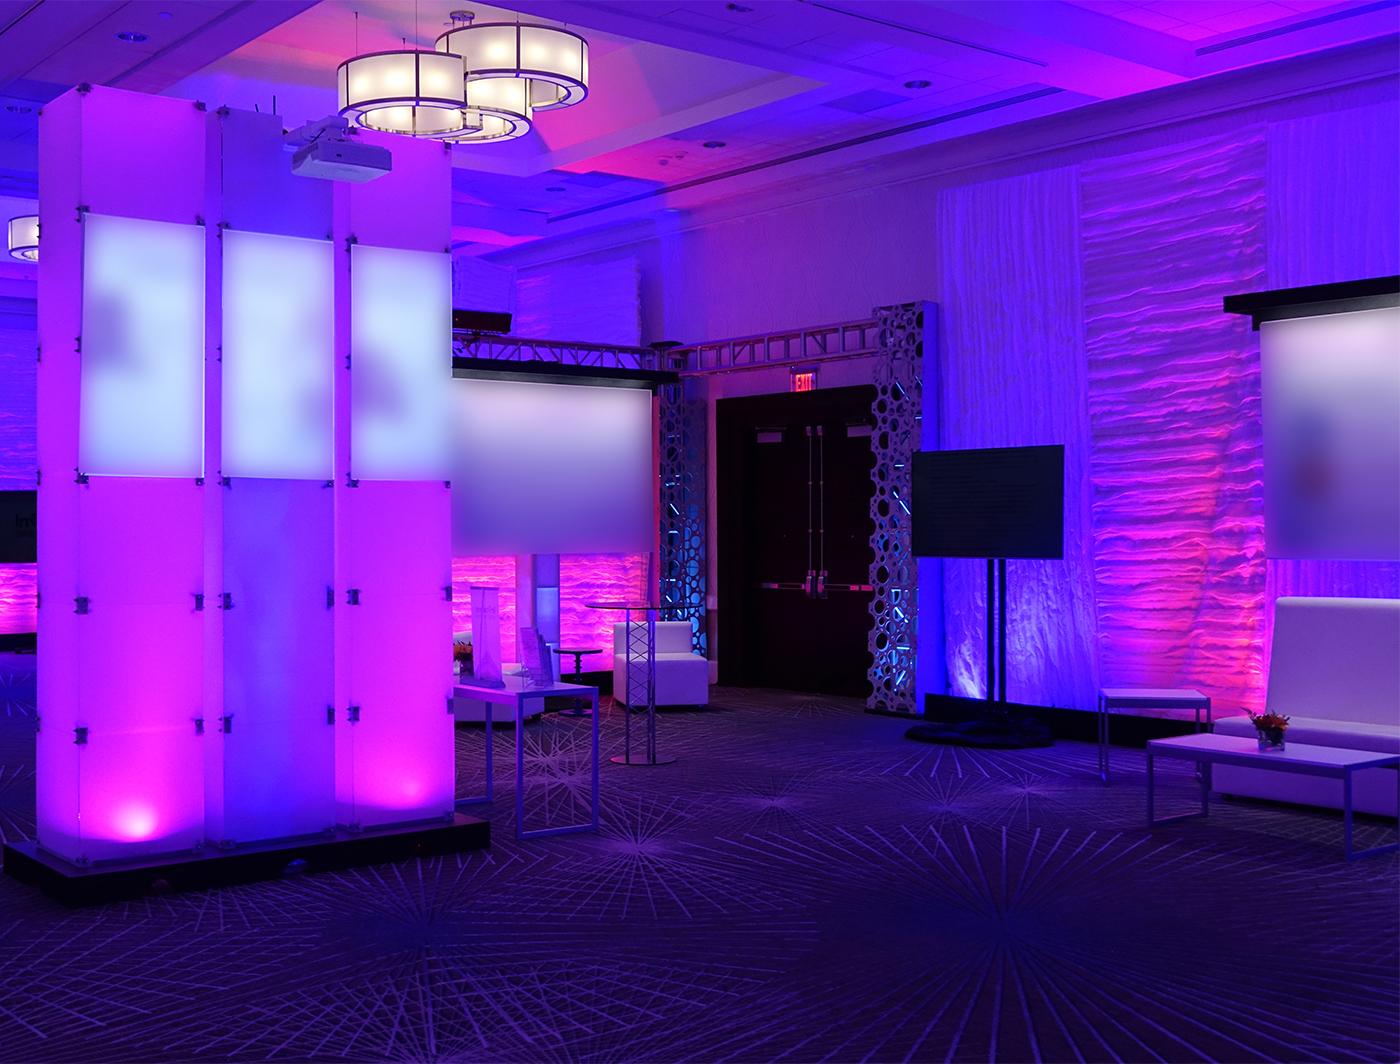 Rise SuperZipper panels create a fun lounge space